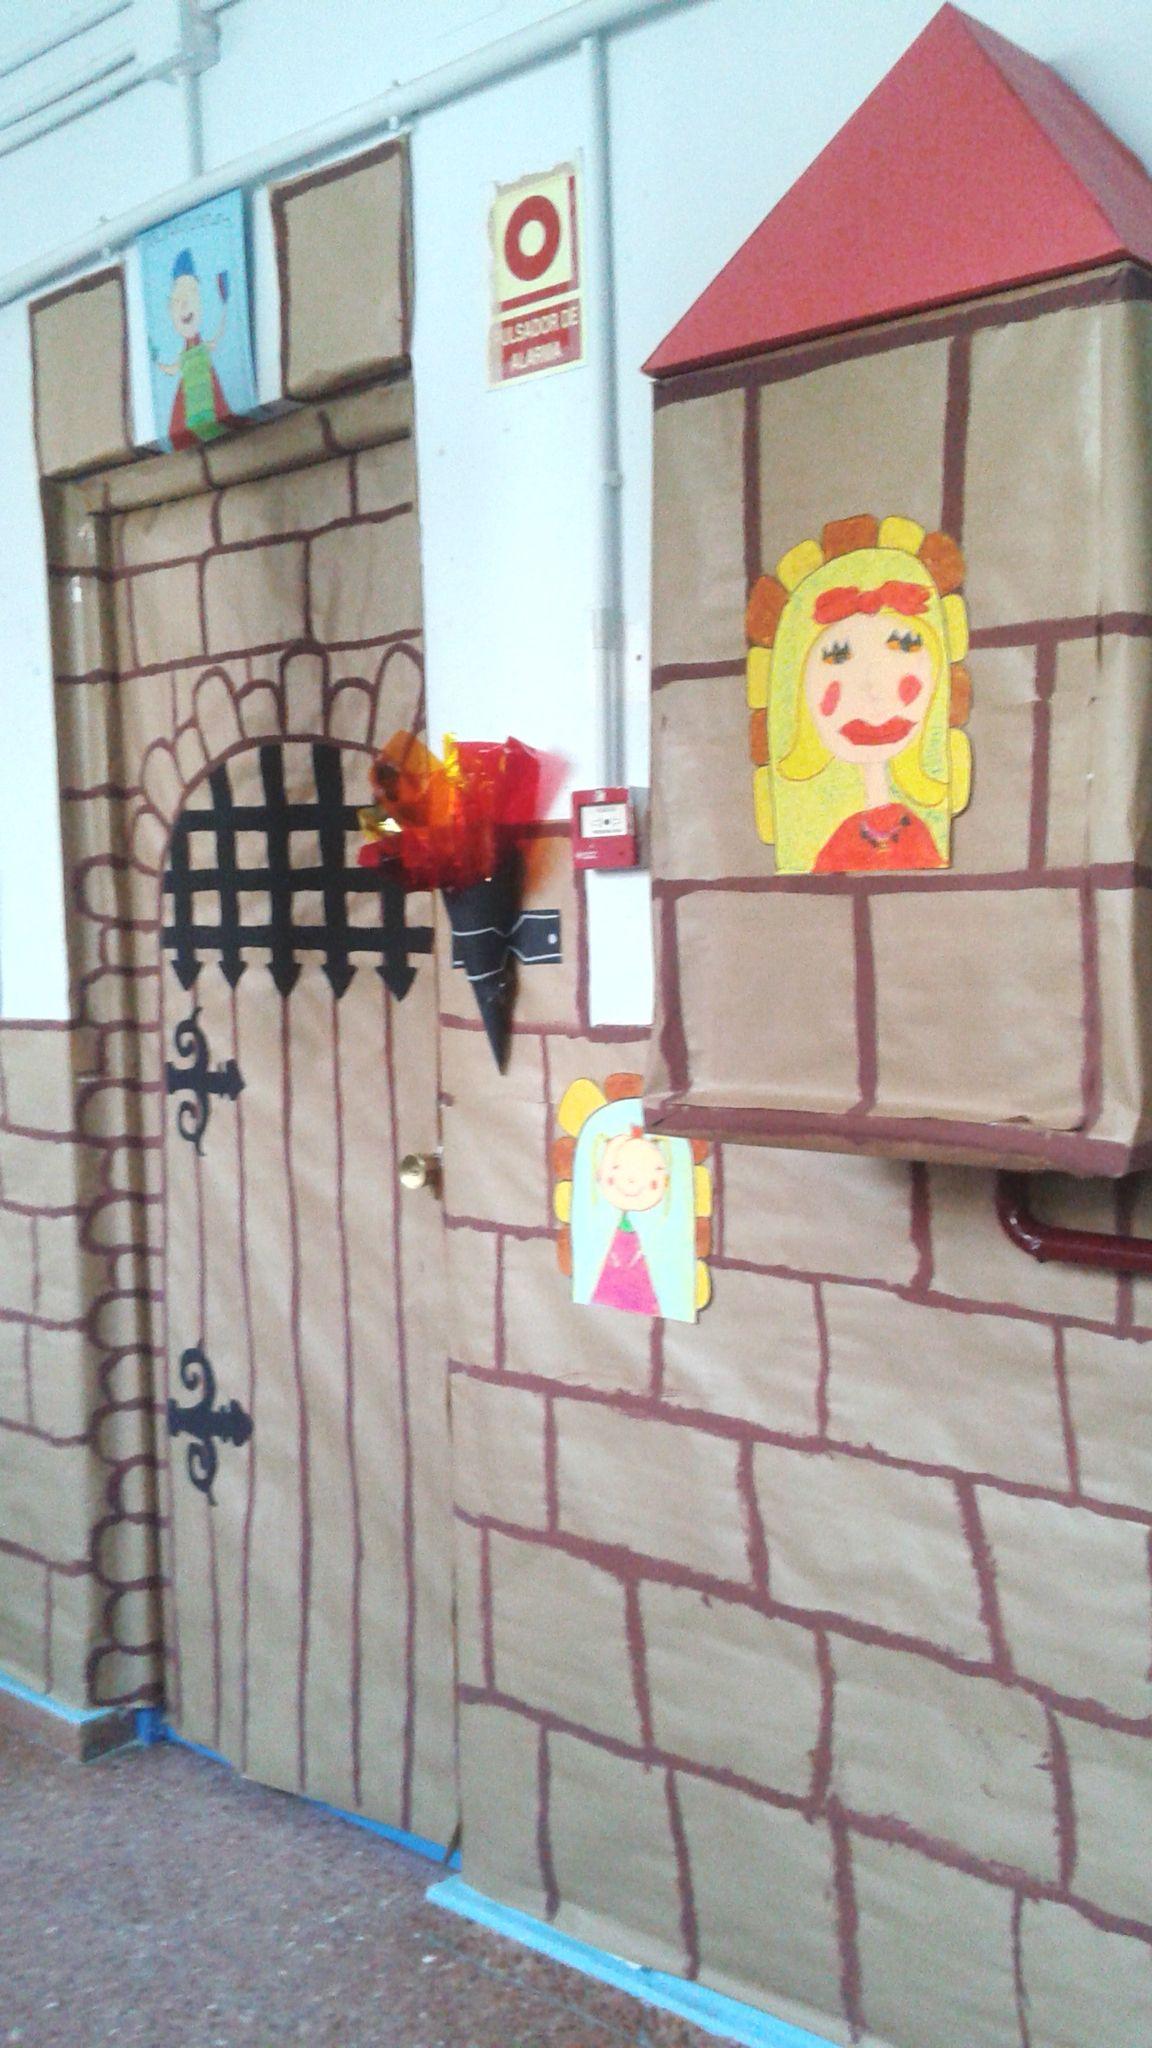 Las puertas del castillo guardadas por valientes princesas ...